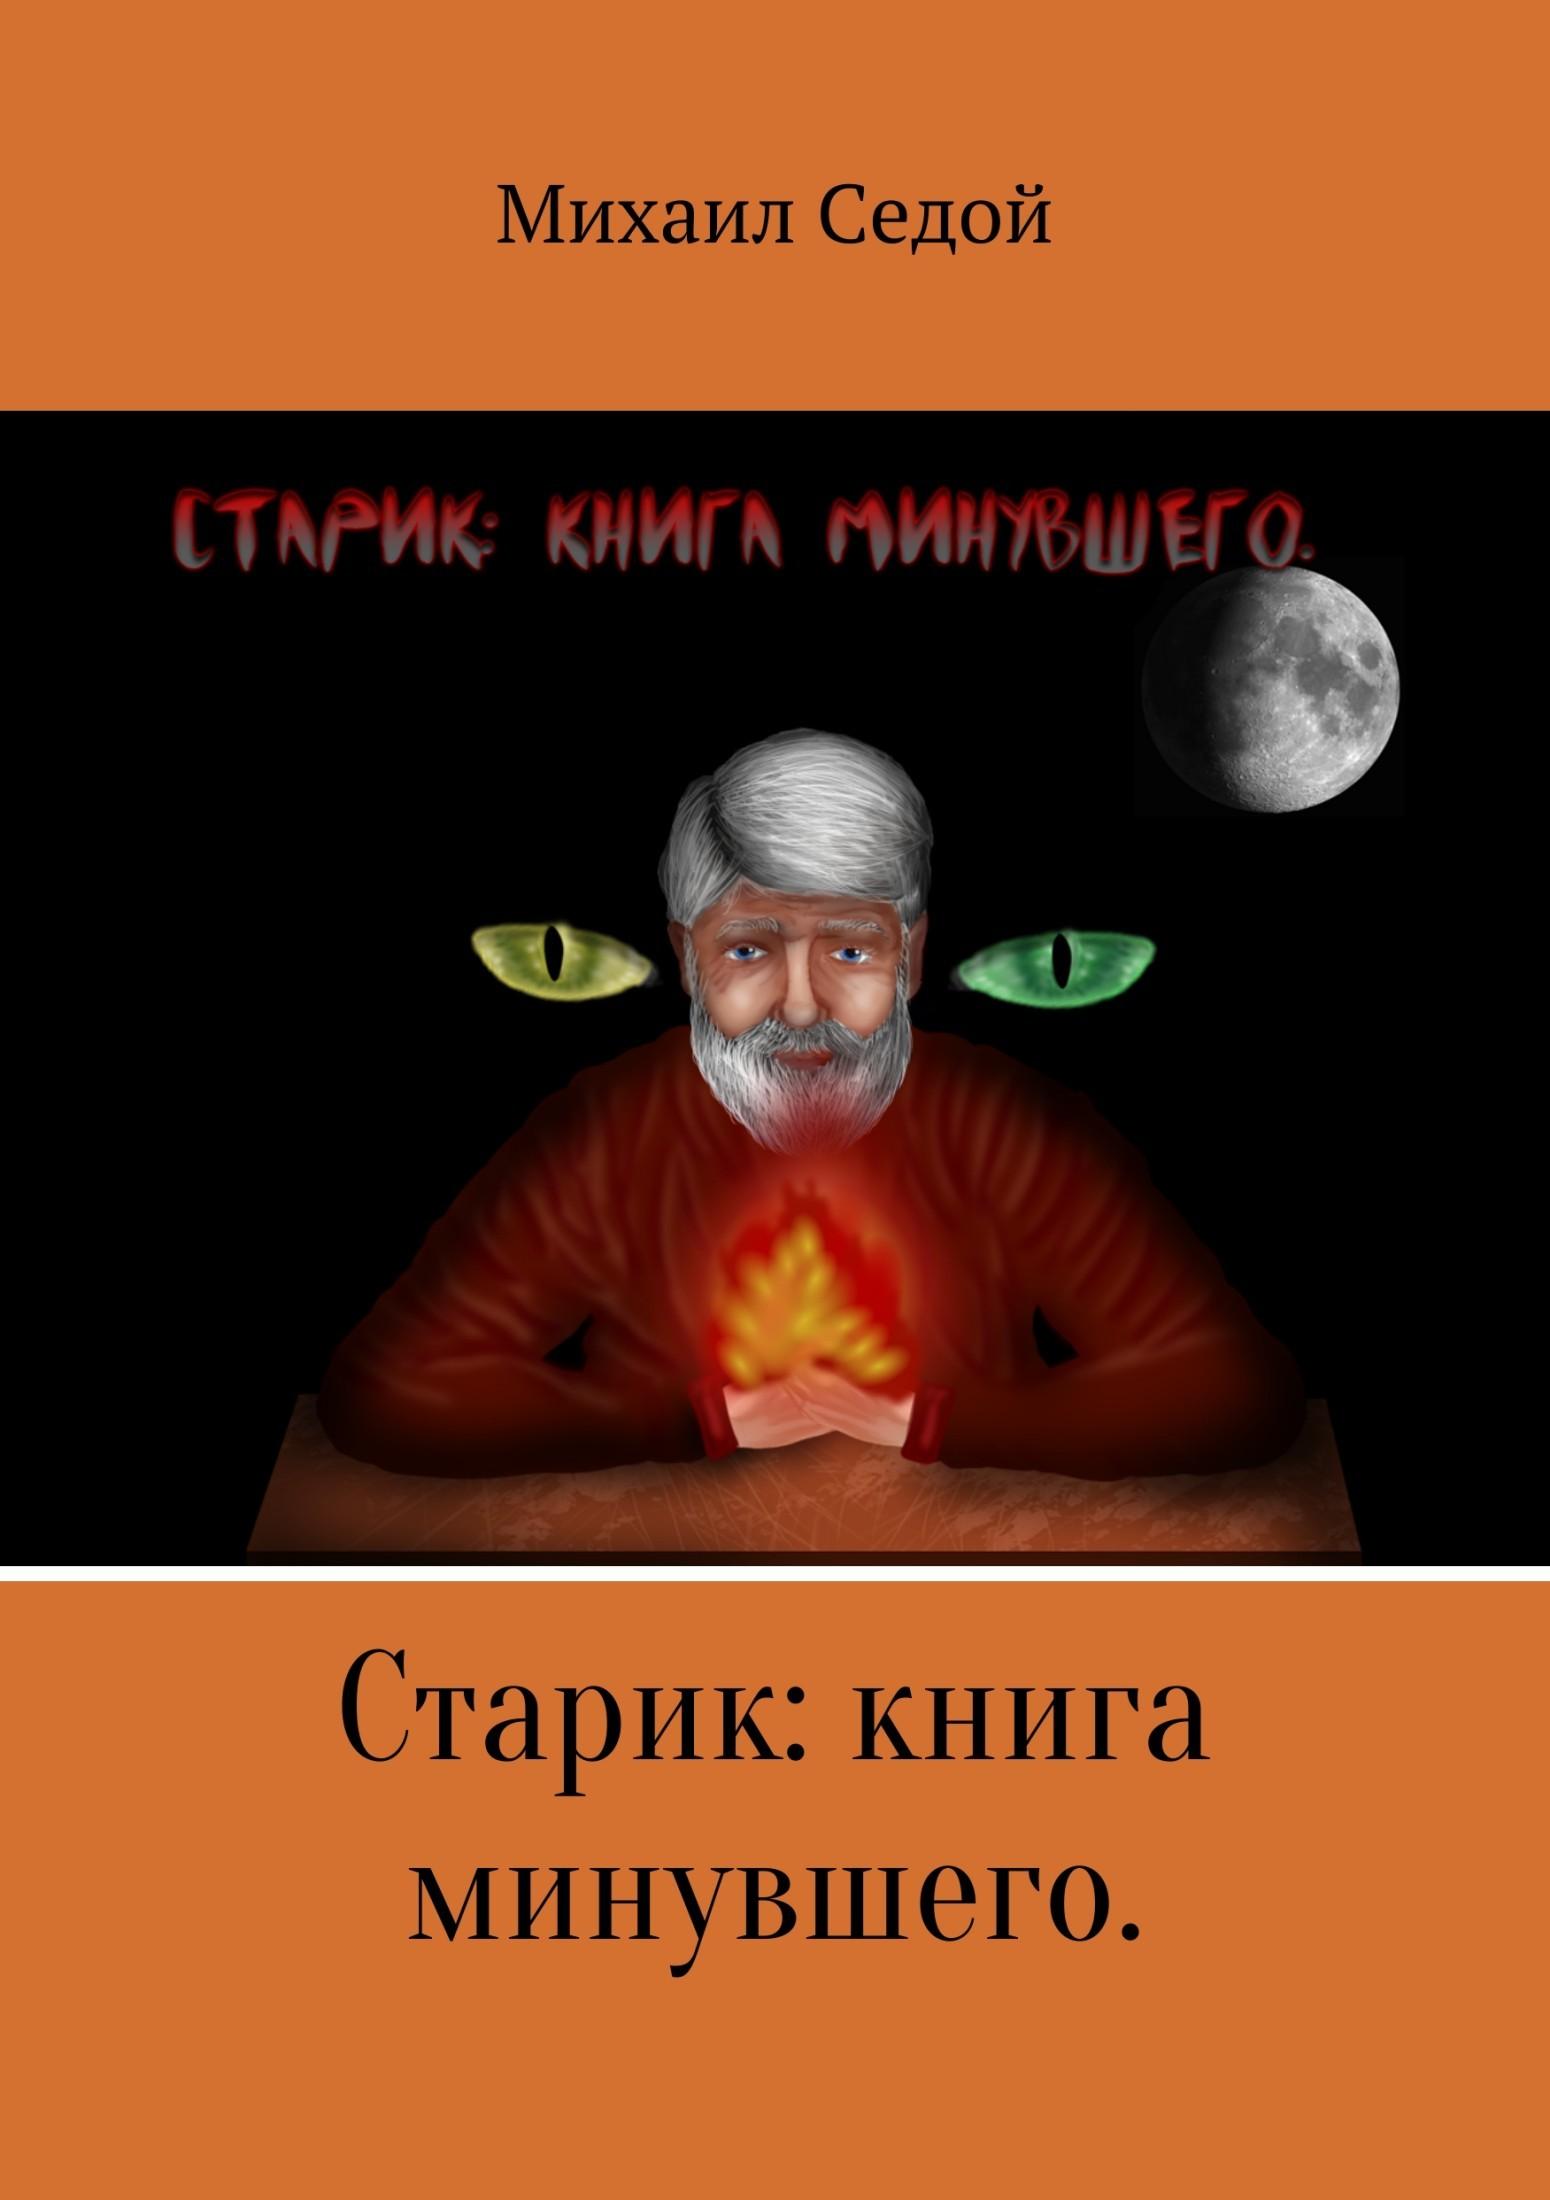 Михаил Седой - Старик: книга минувшего